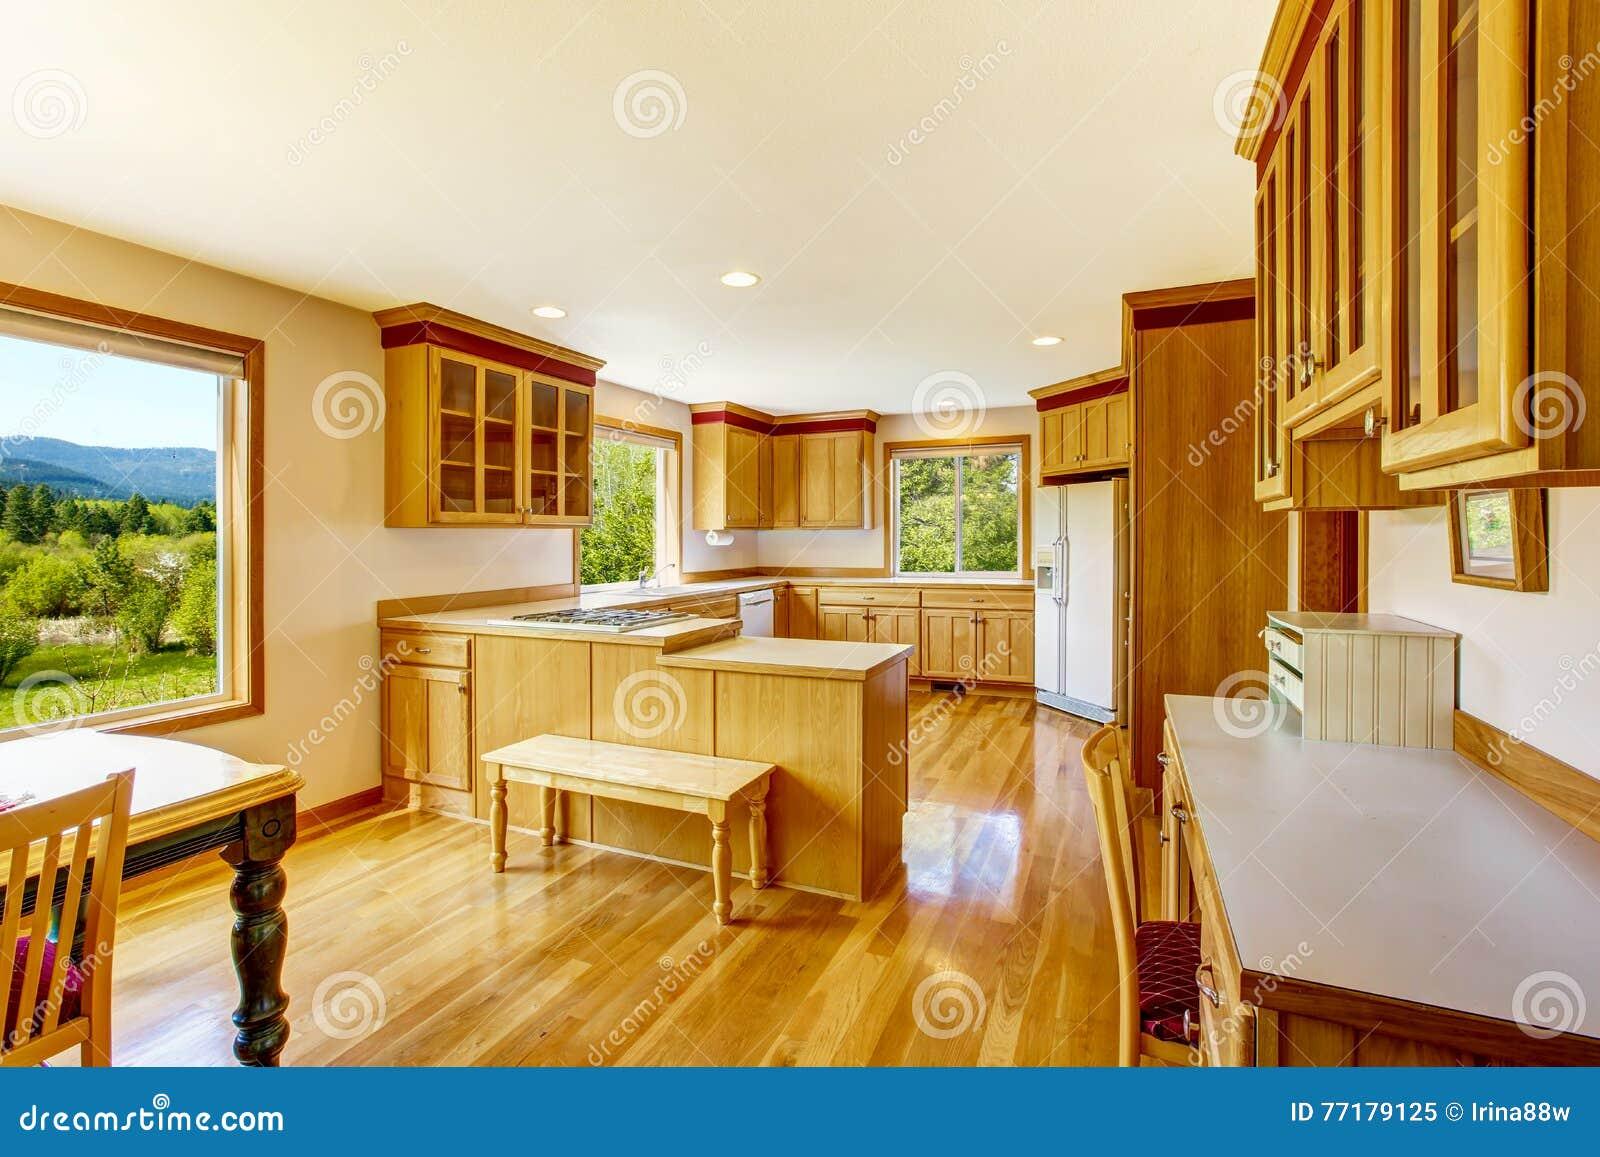 Armadi da cucina marrone chiaro apparecchi bianchi e pavimento di legno duro immagine stock - Armadi da cucina ...